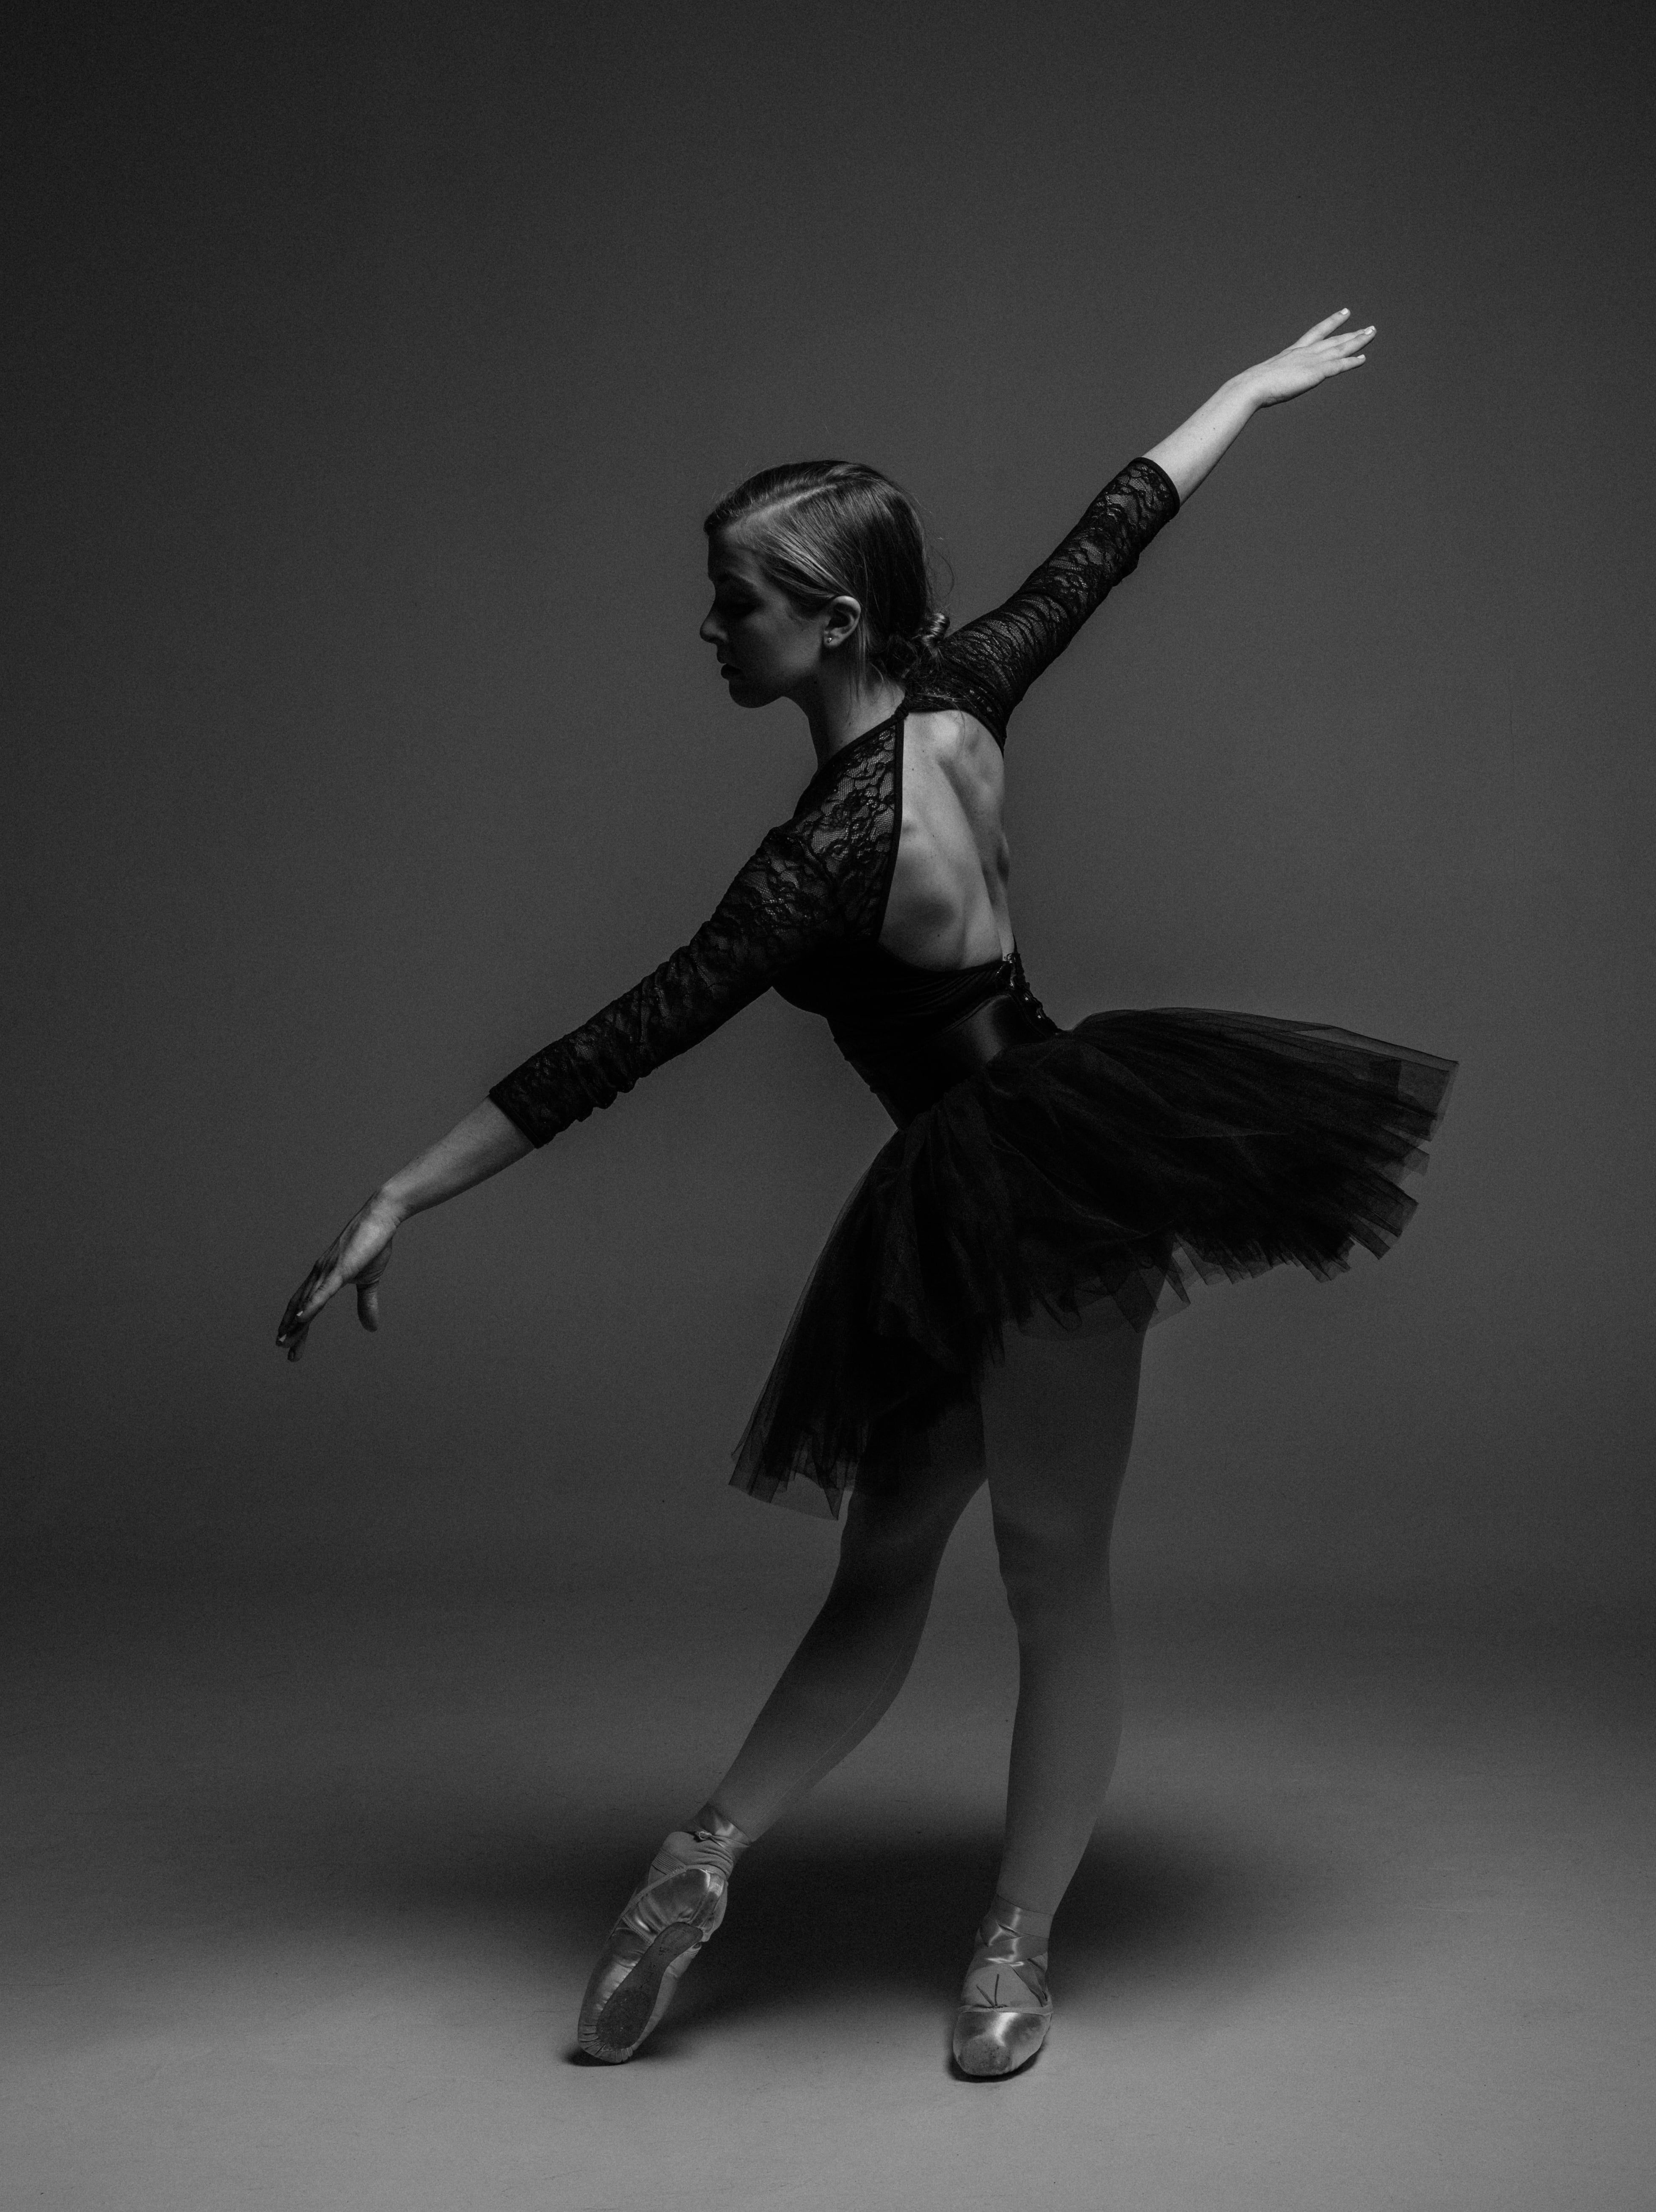 Ballet Photos Black And White 3913x5228 Wallpaper Teahub Io